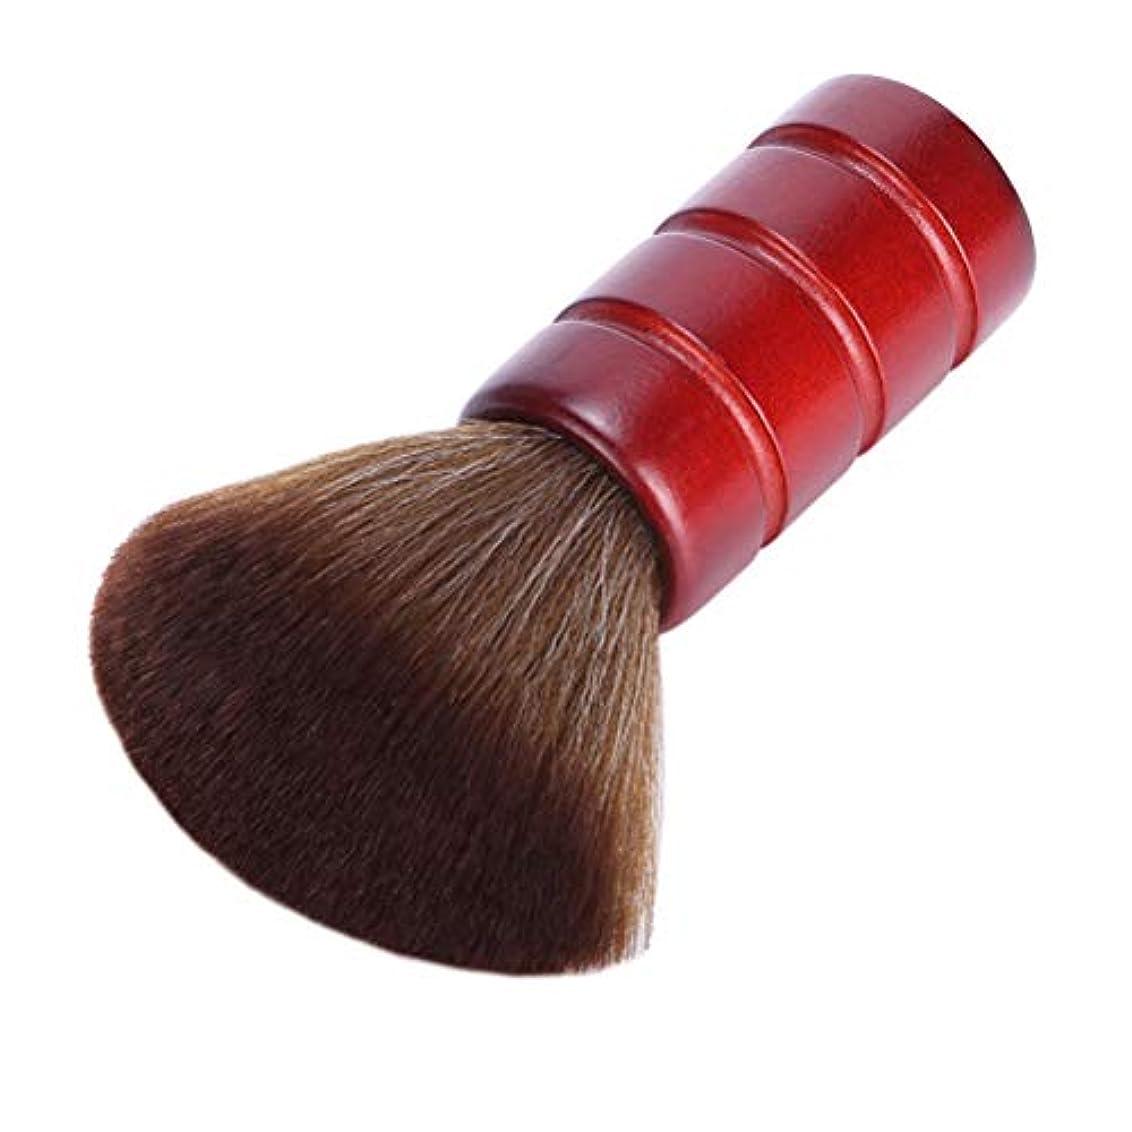 することになっている腫瘍空洞Lurroseプロフェッショナルヘアカットブラシソフトファイバーフェイスネックダスターブラシ理髪サロン理容ツール